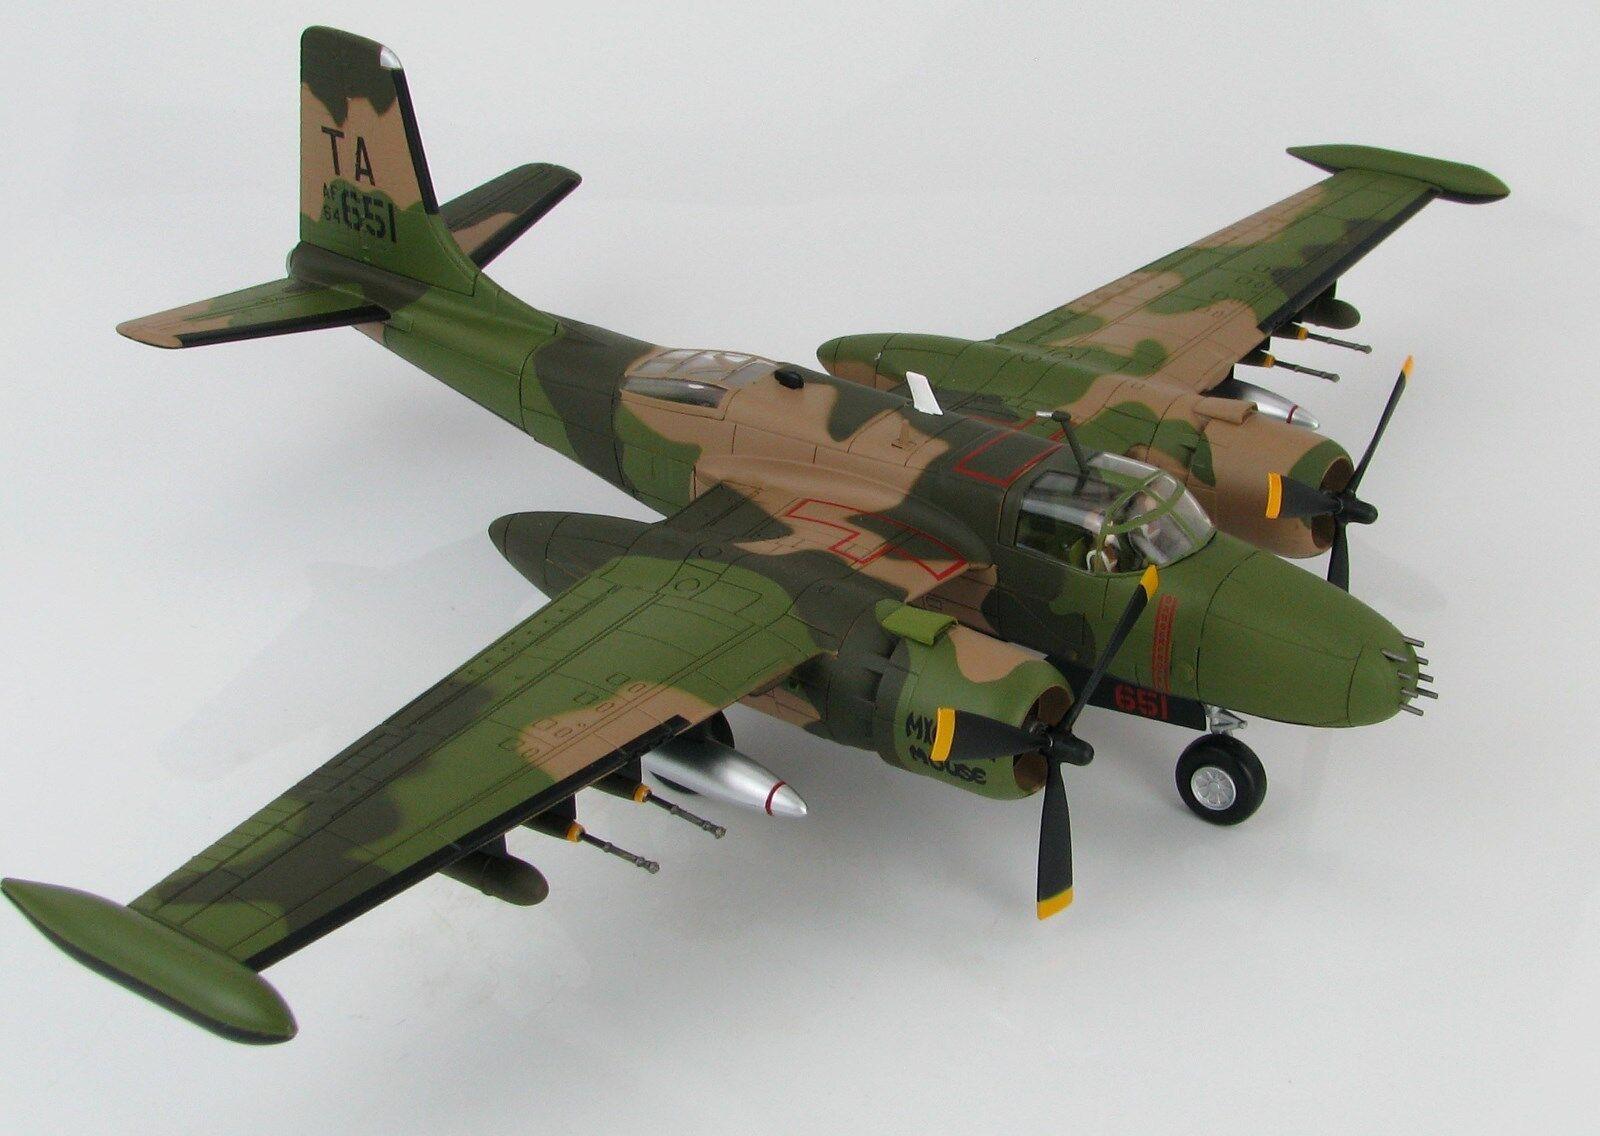 las mejores marcas venden barato Hobby Master, HA3224 Contador de de de Douglas B-26K Invader USAF 50th Sow, Sellado  disfruta ahorrando 30-50% de descuento